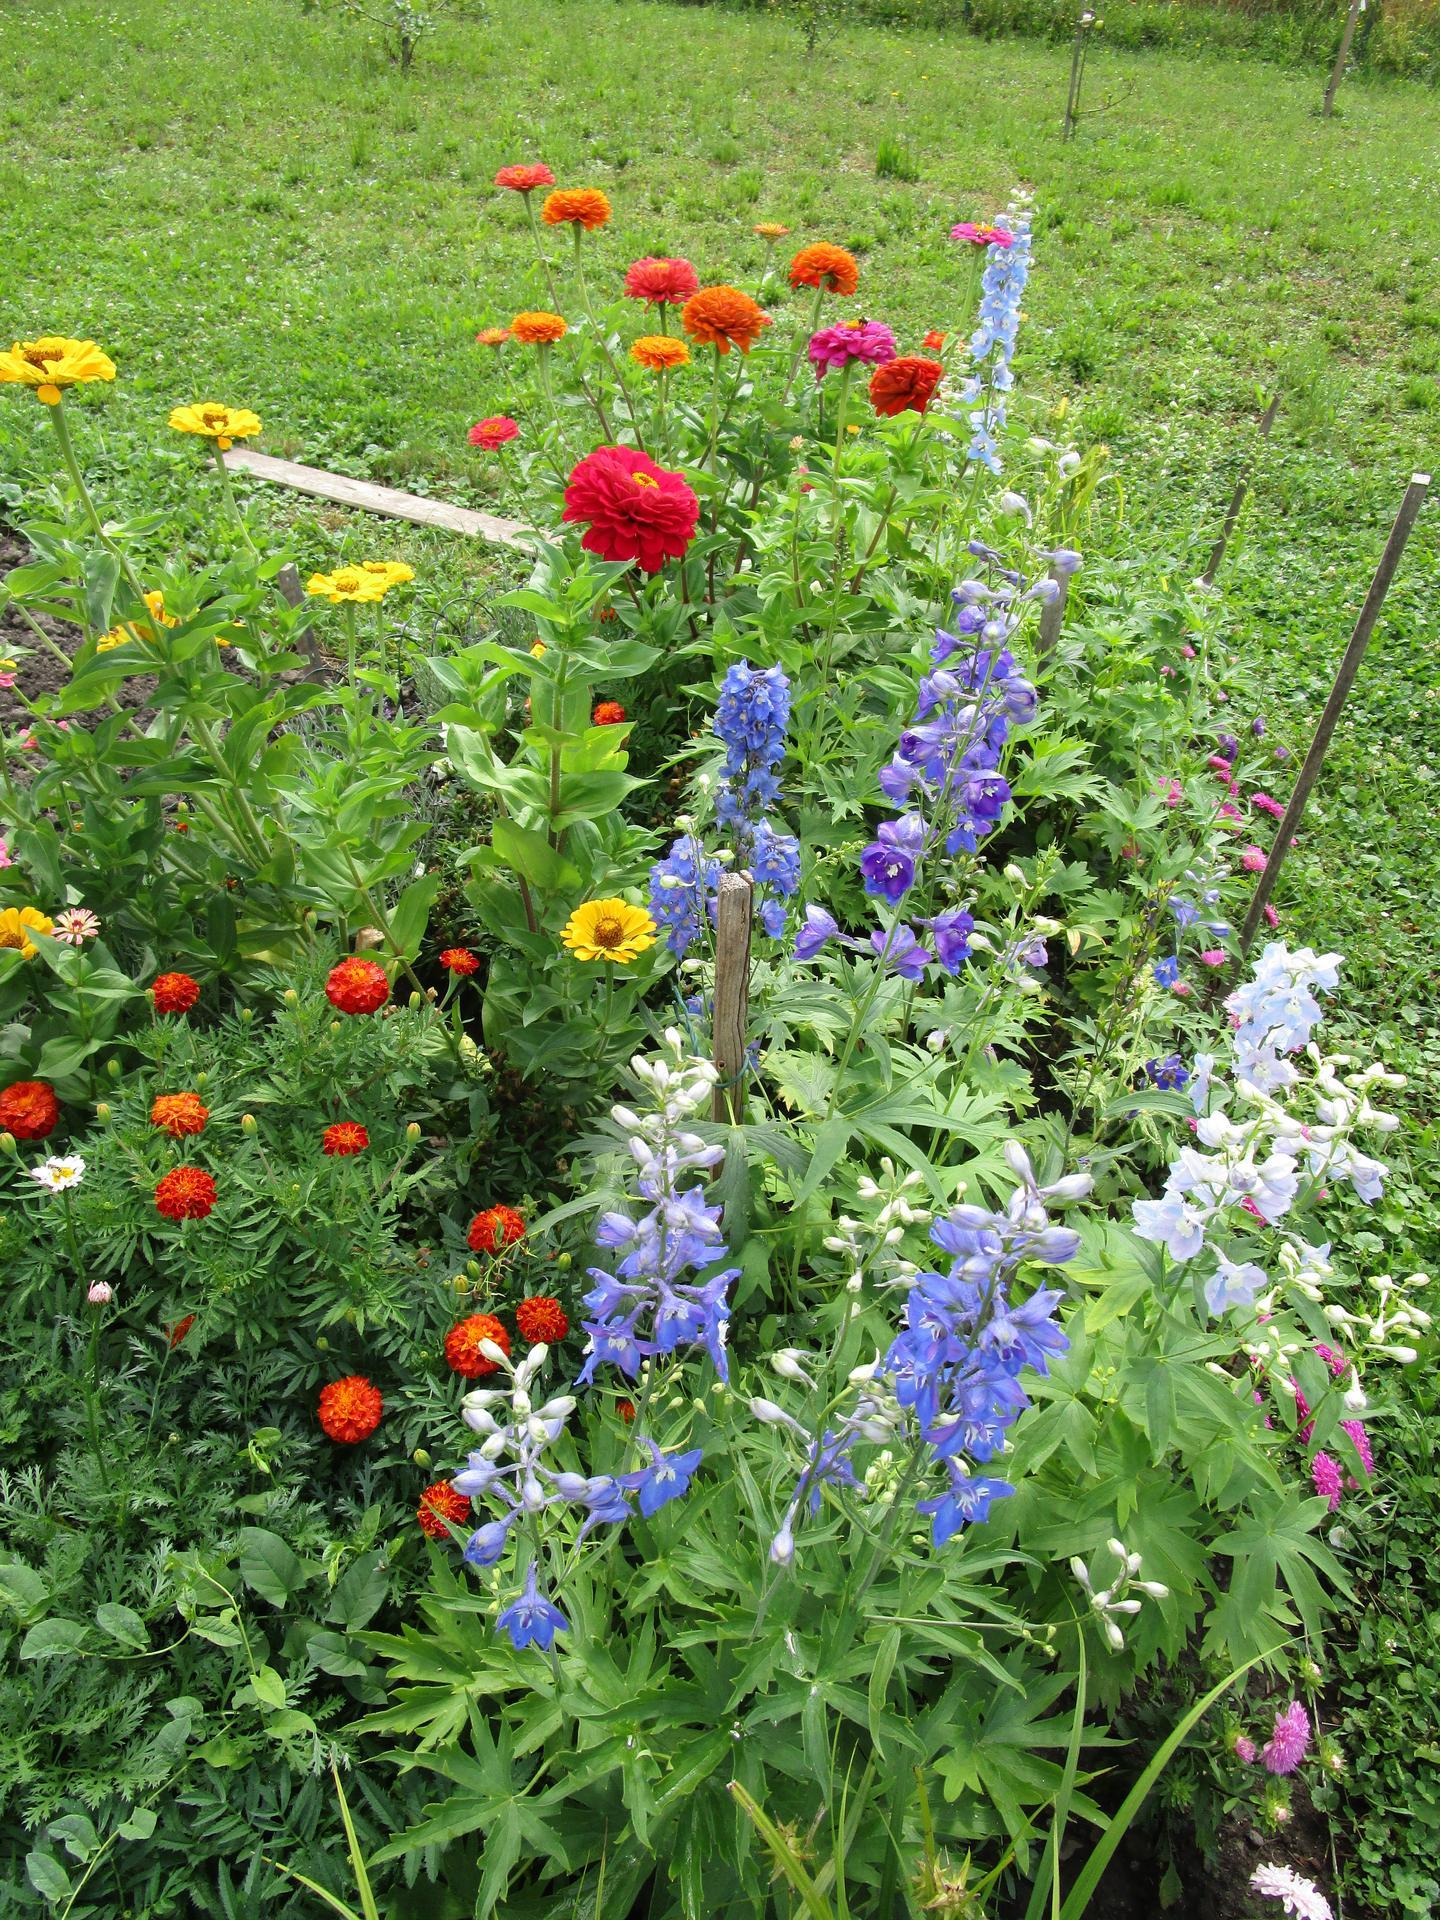 zahrada 2021 - ještě jednou letničkový